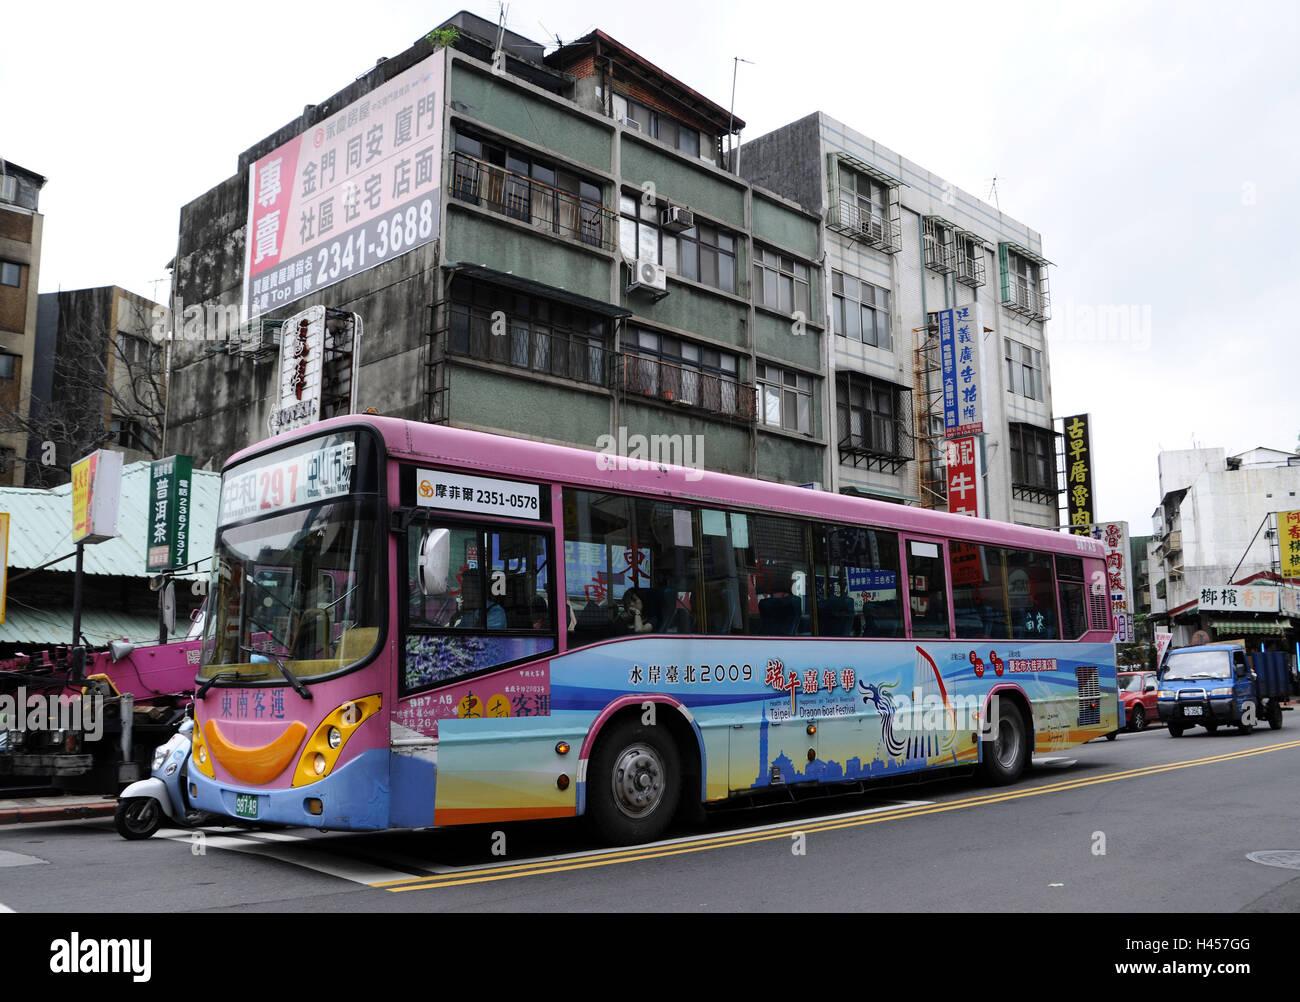 Bus, building, street, Taipeh, Taiwan, - Stock Image